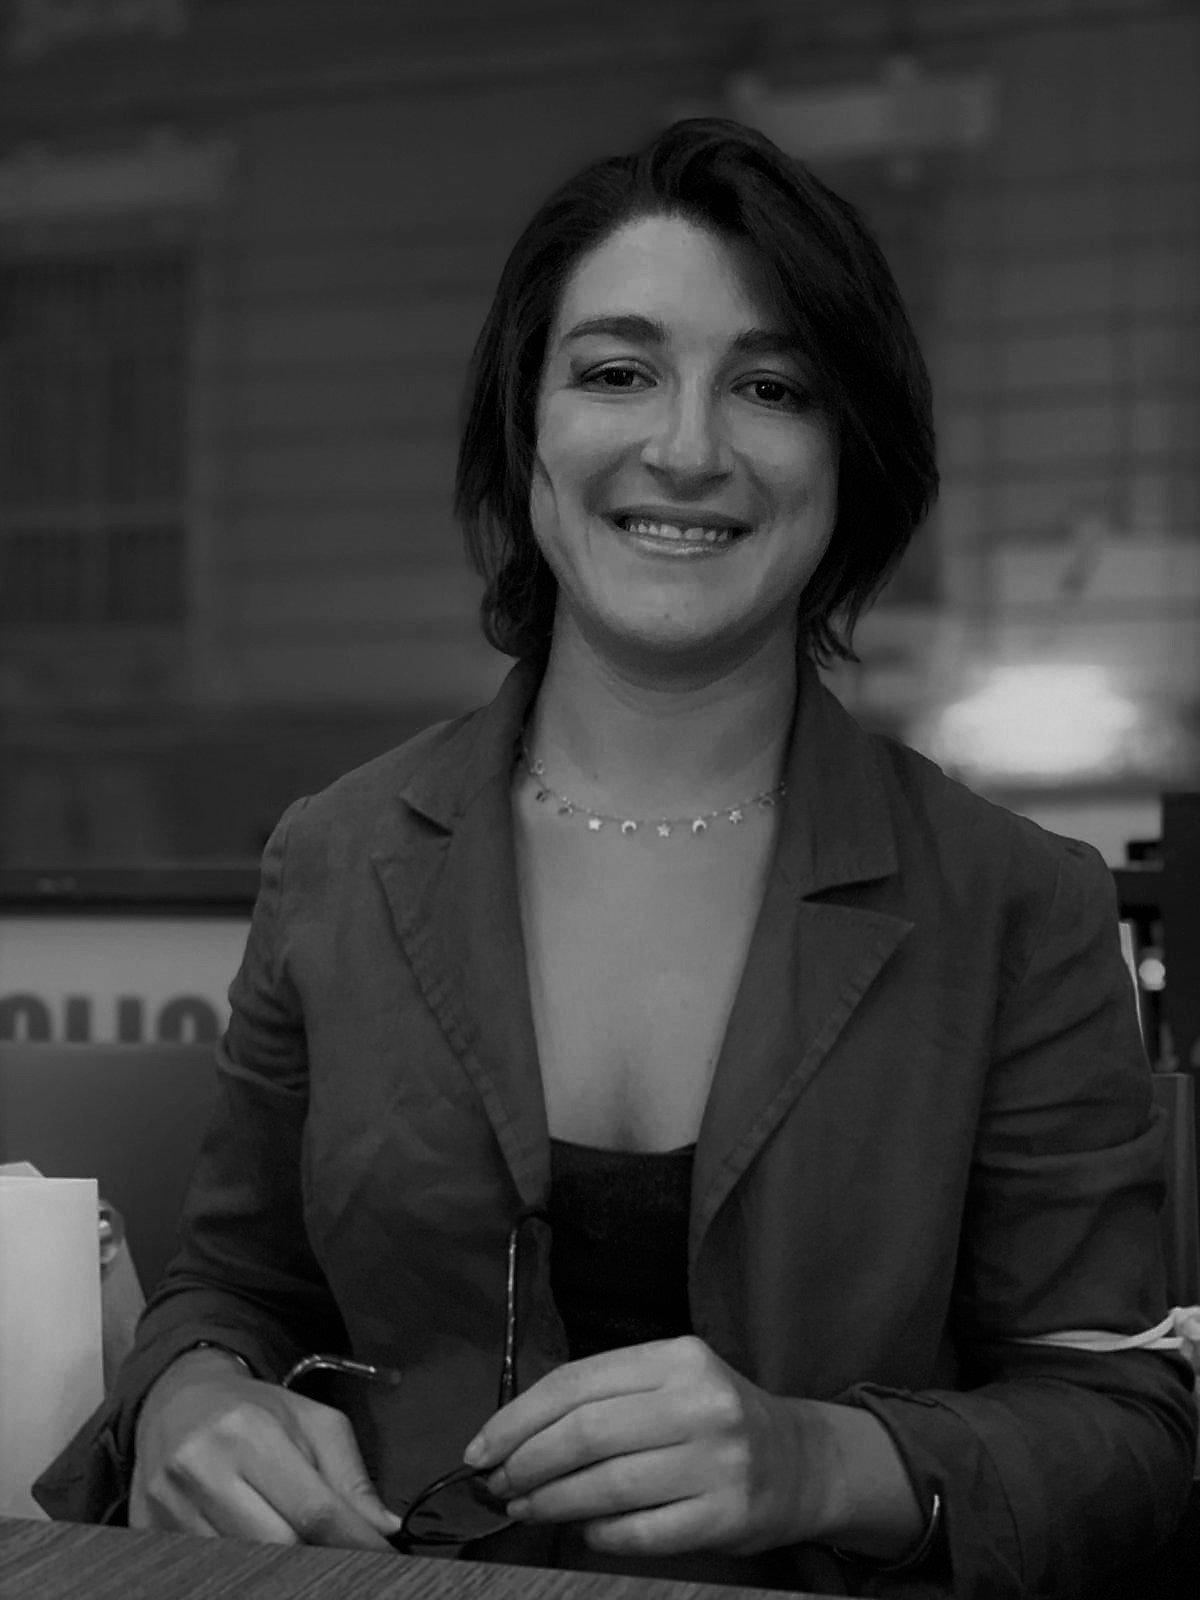 Roberta Salvati